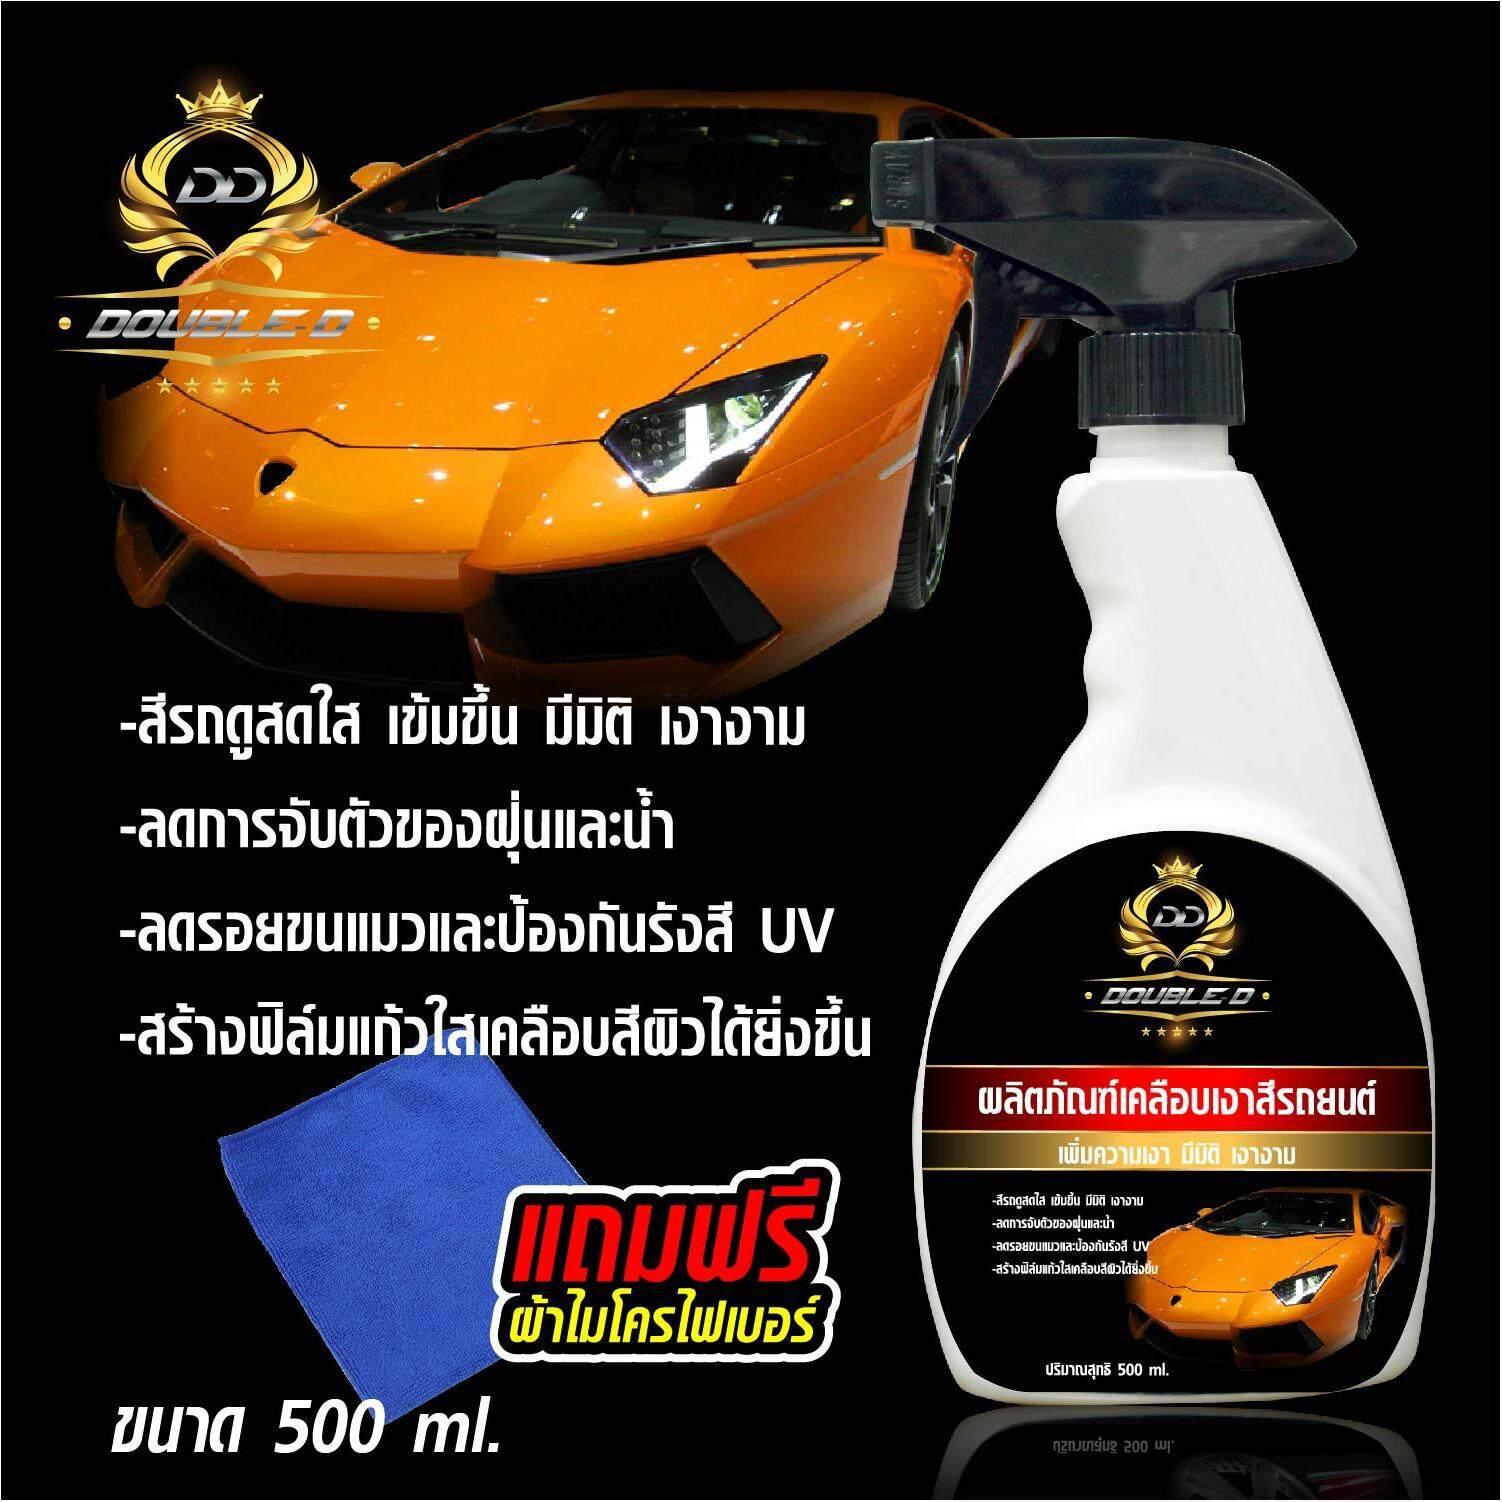 ขาย ผลิตภัณฑ์ Double D เคลือบเงารถยนต์ น้ำยา เคลือบเงา เคลือบแก้ว เคลือบสี รถยนต์ กันรอยขีดข่วน เห็นผลแน่นอน ขนาด 500 Ml แถมฟรีผ้าไมโครไฟเบอร์ ถูก ใน กรุงเทพมหานคร